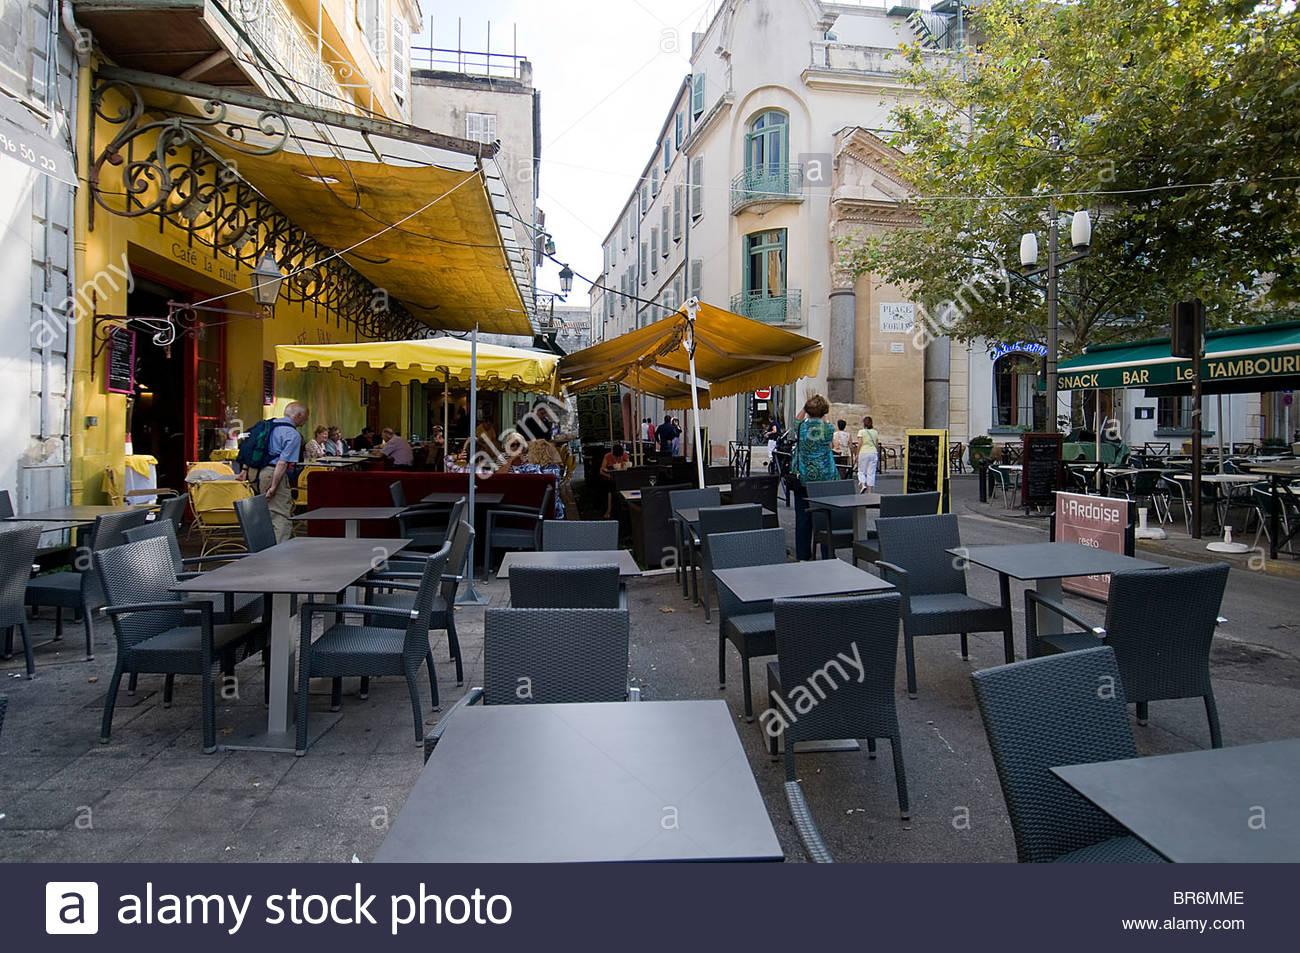 Cafe terrasse arles van gogh